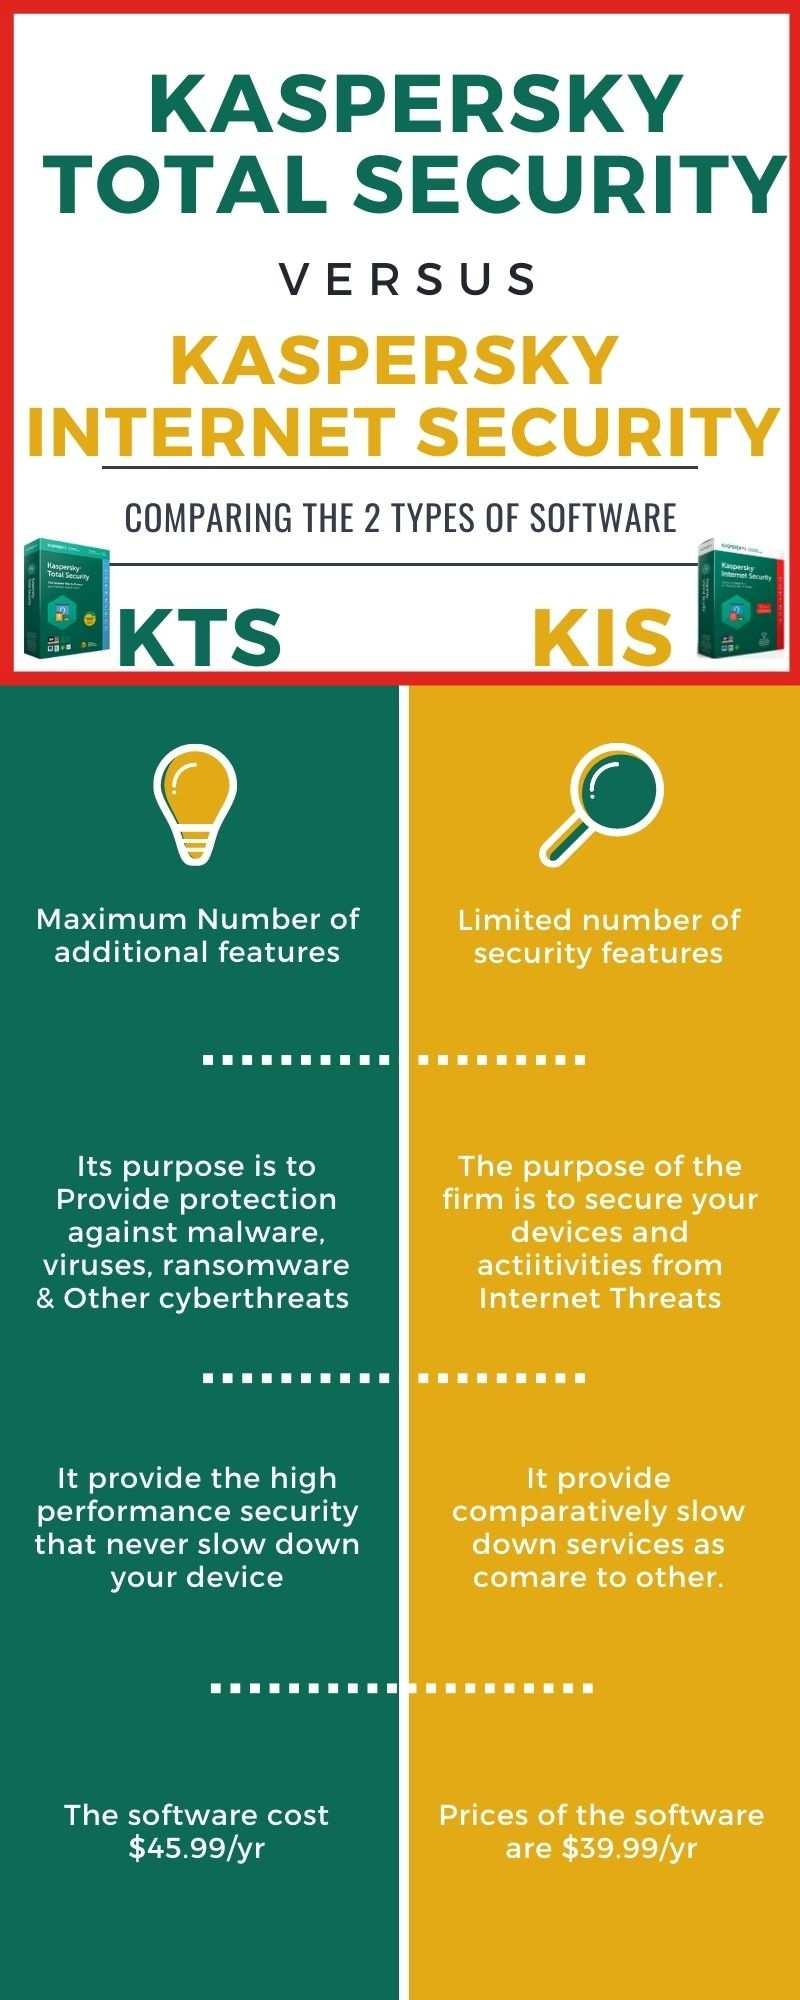 Kaspersky Total Security Vs Internet Security-compressed